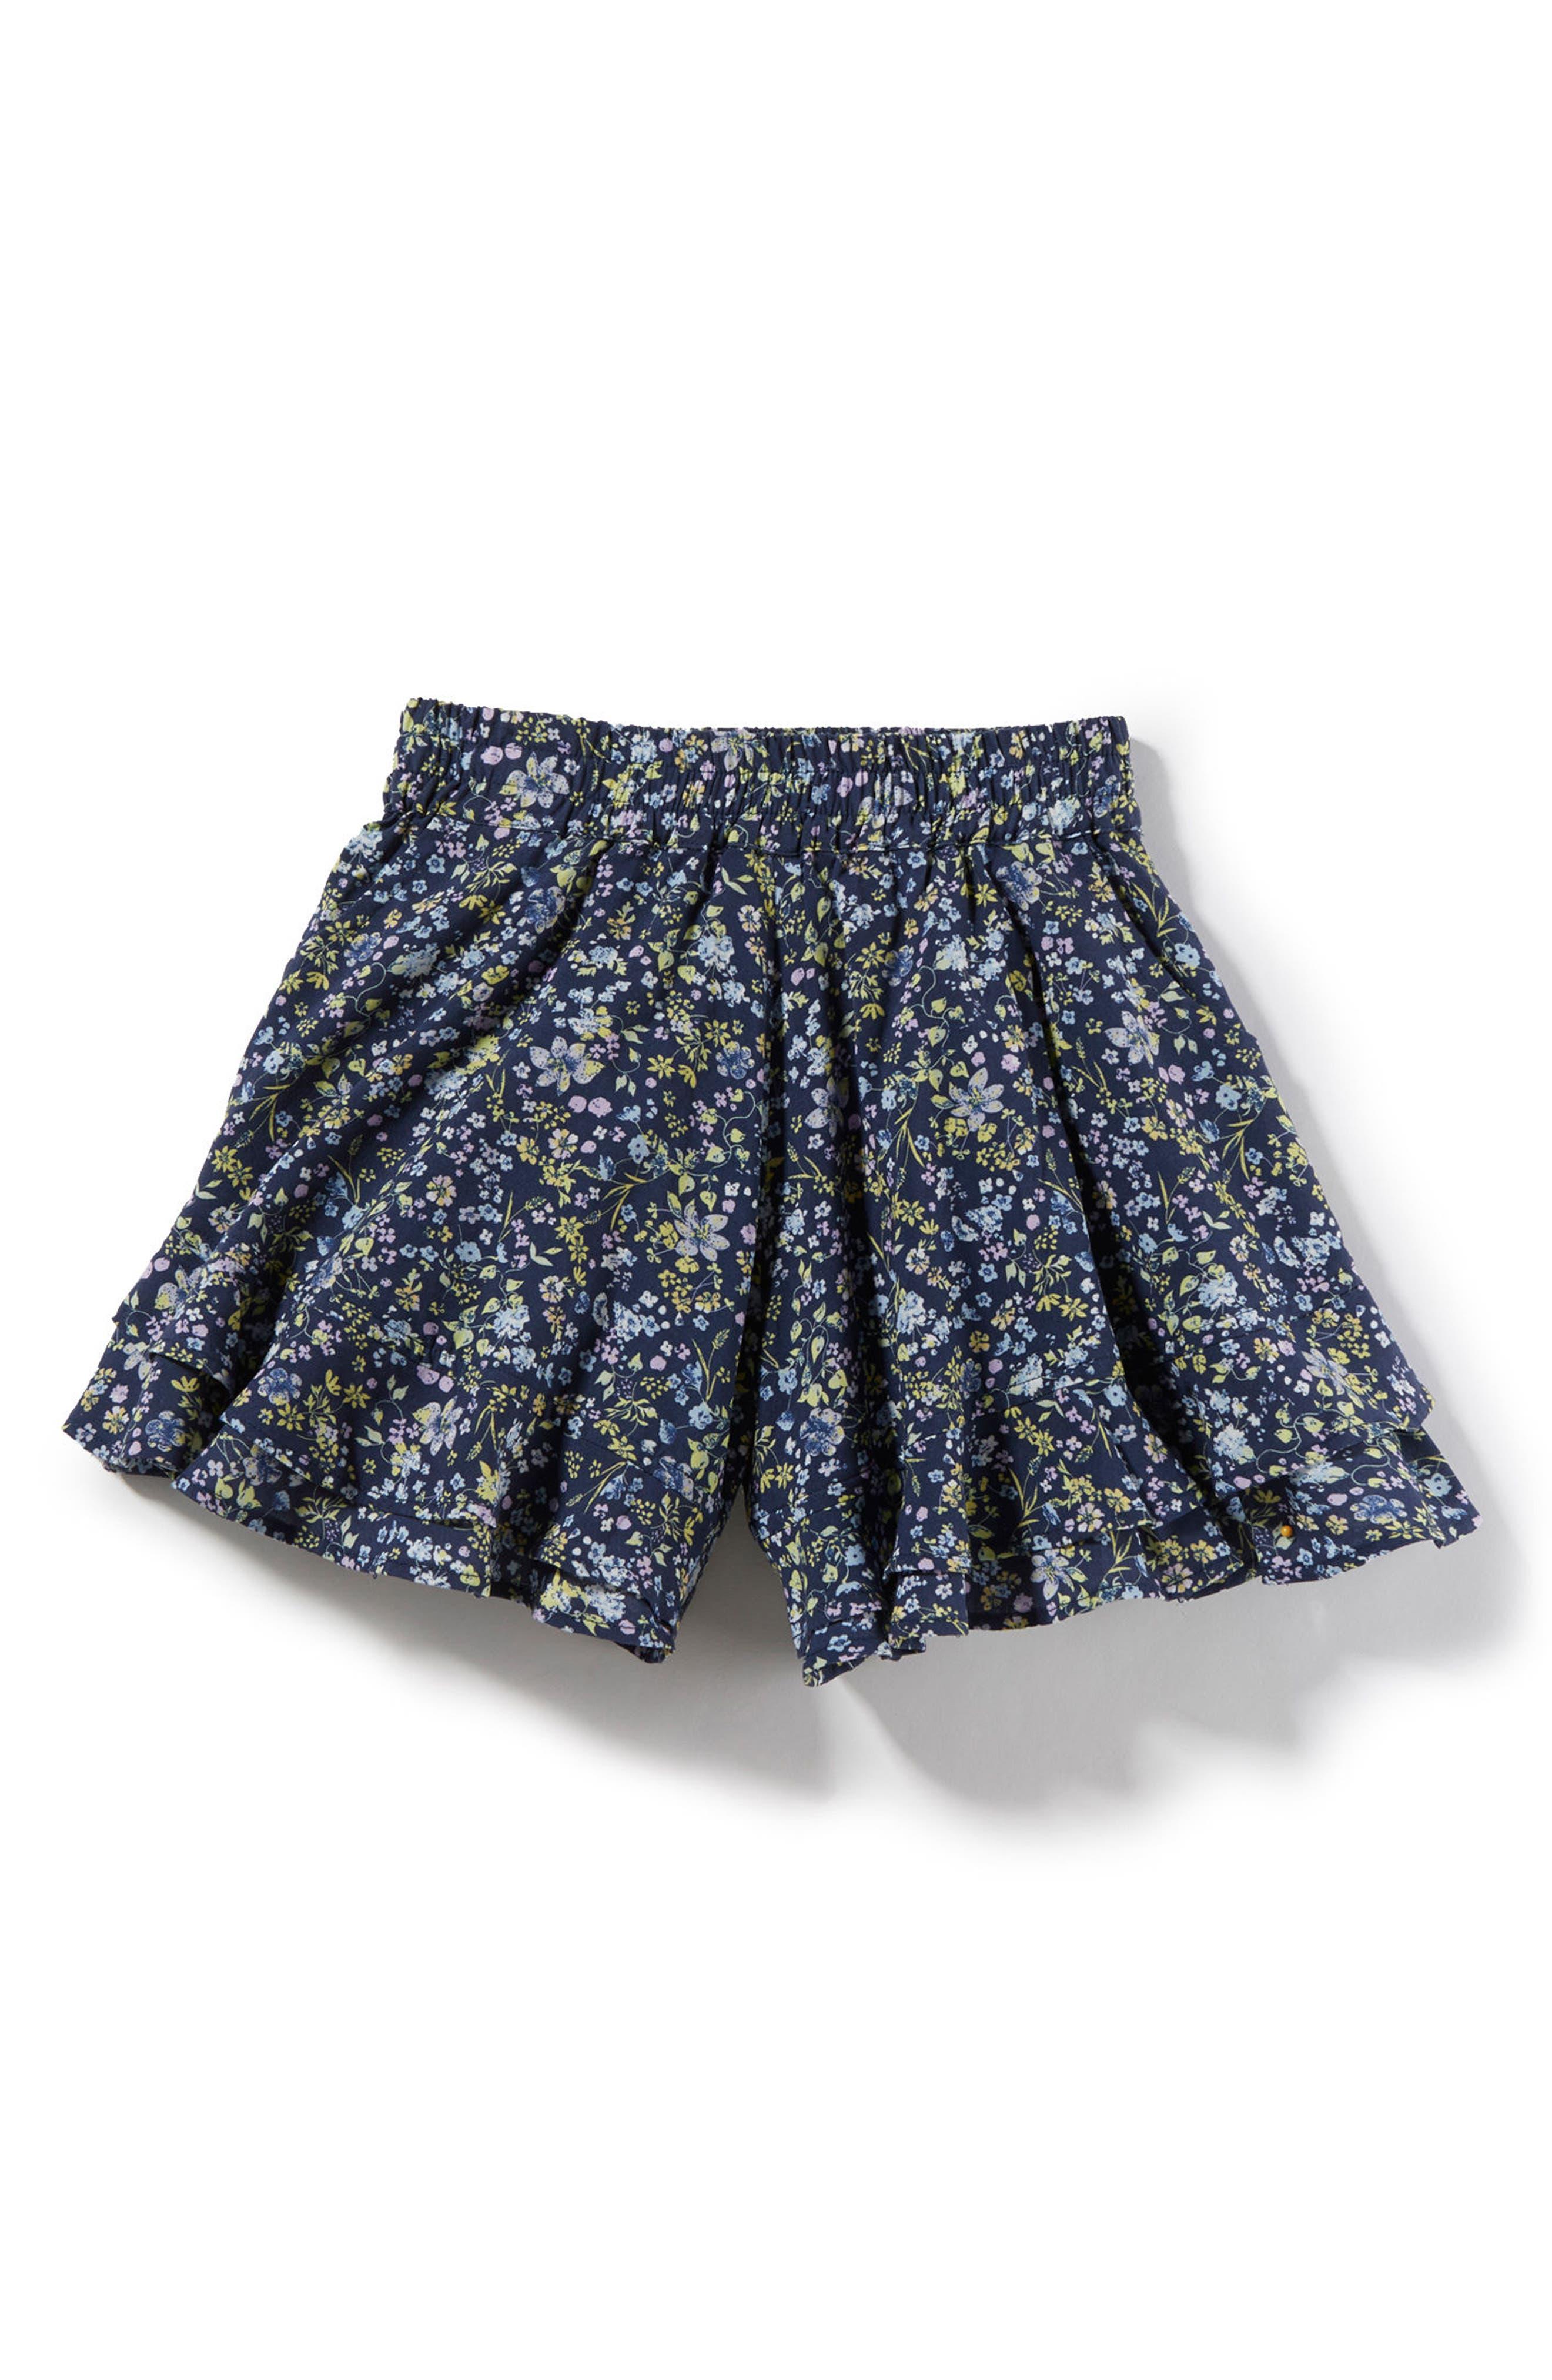 Paige Shorts,                         Main,                         color, Blue